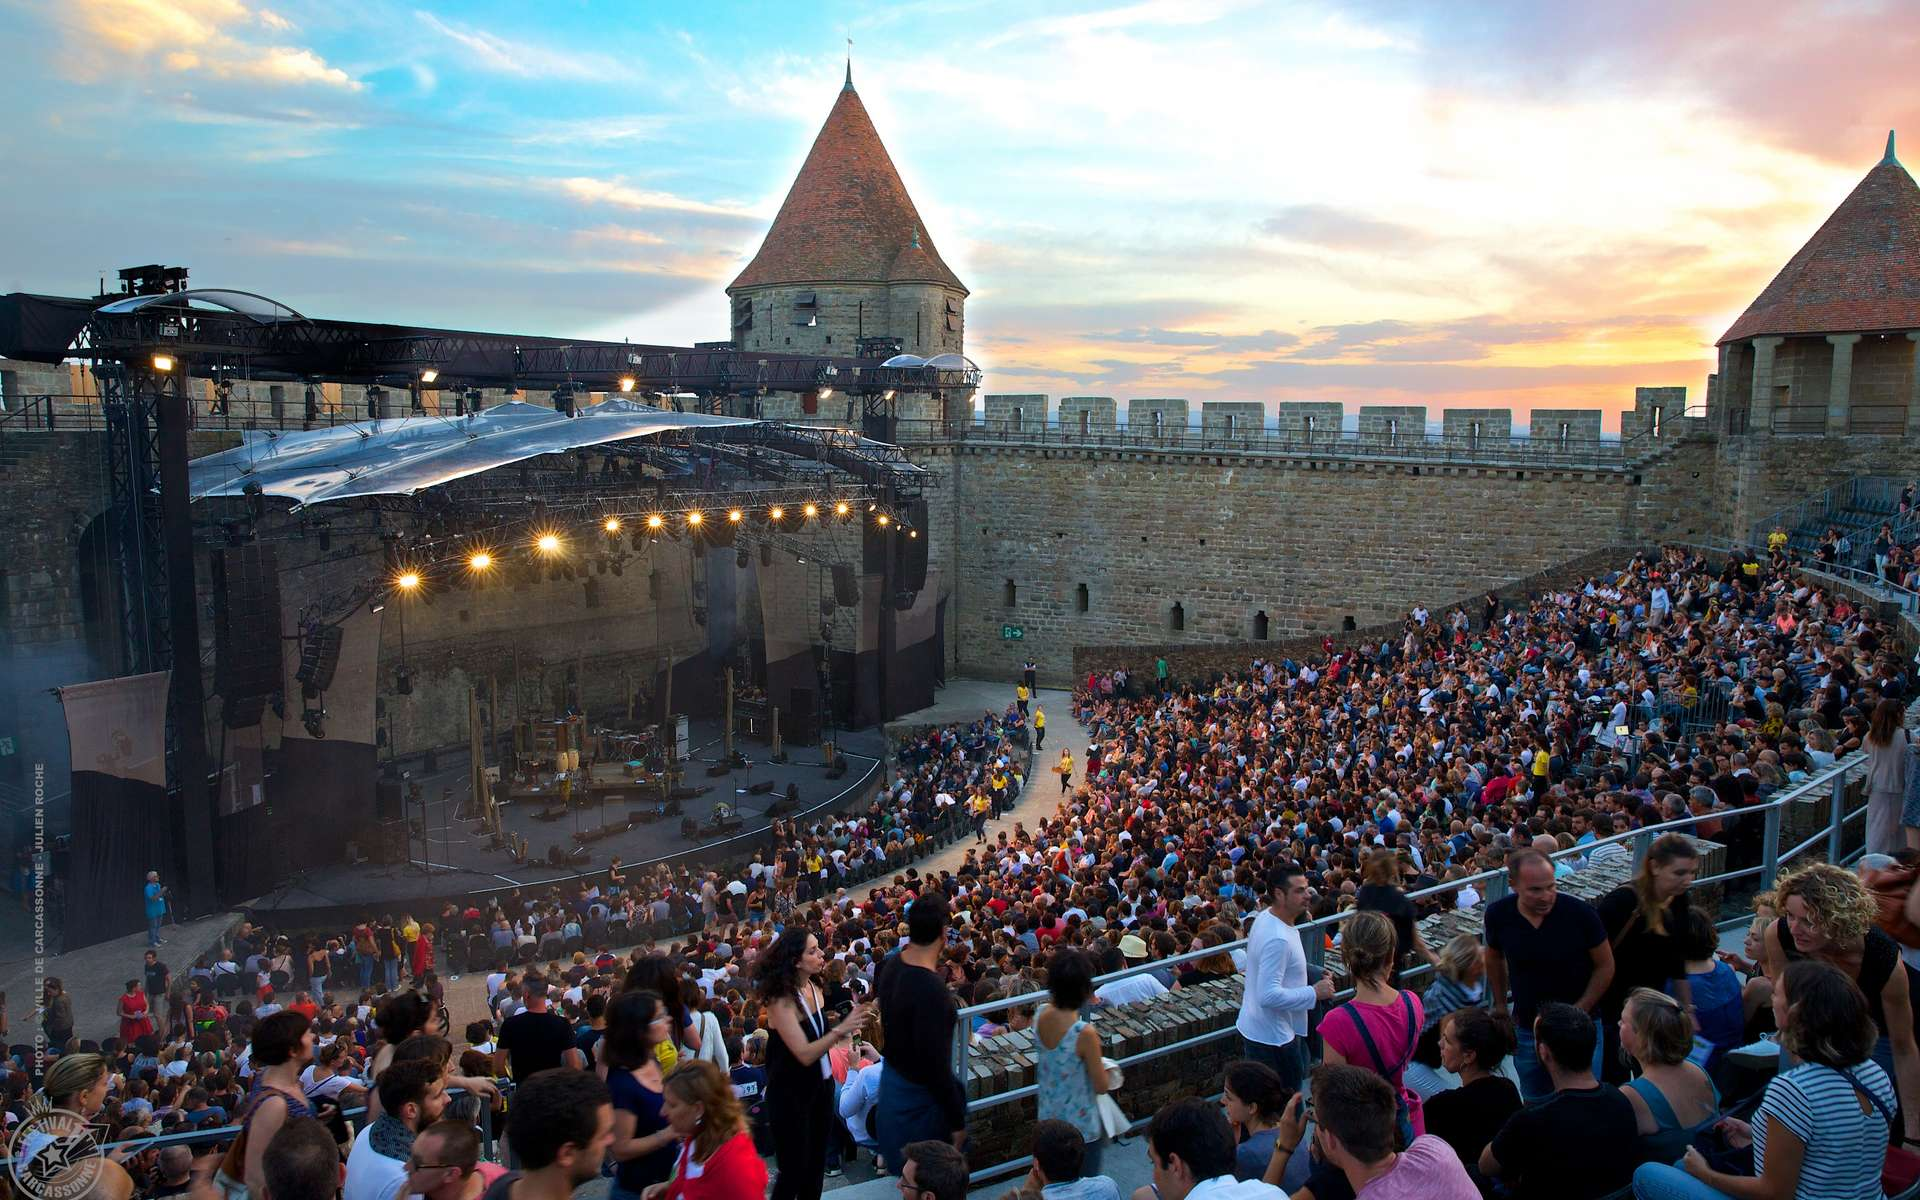 Magiques, les concerts du festival de la cité de Carcassonne au cœur des remparts. © Julien Roche, Ville de Carcassonne